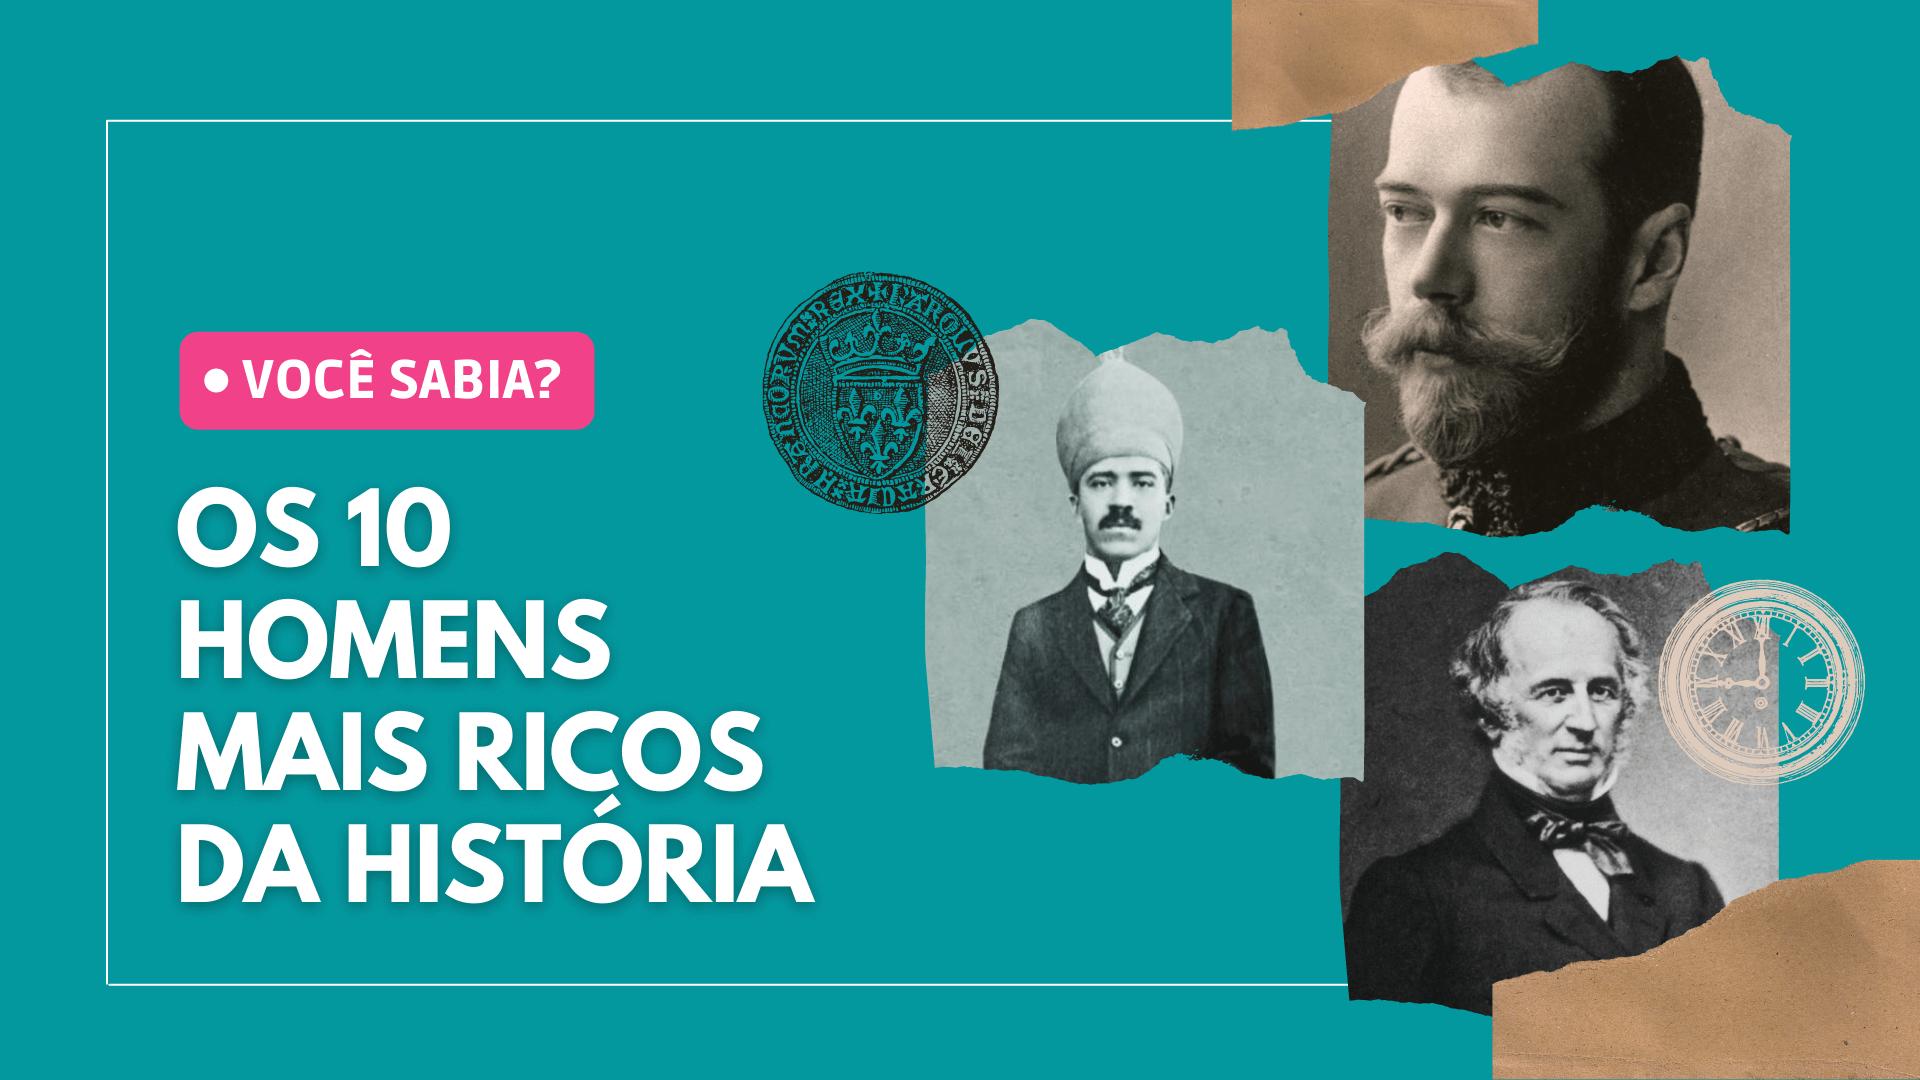 Os 10 homens mais ricos da história